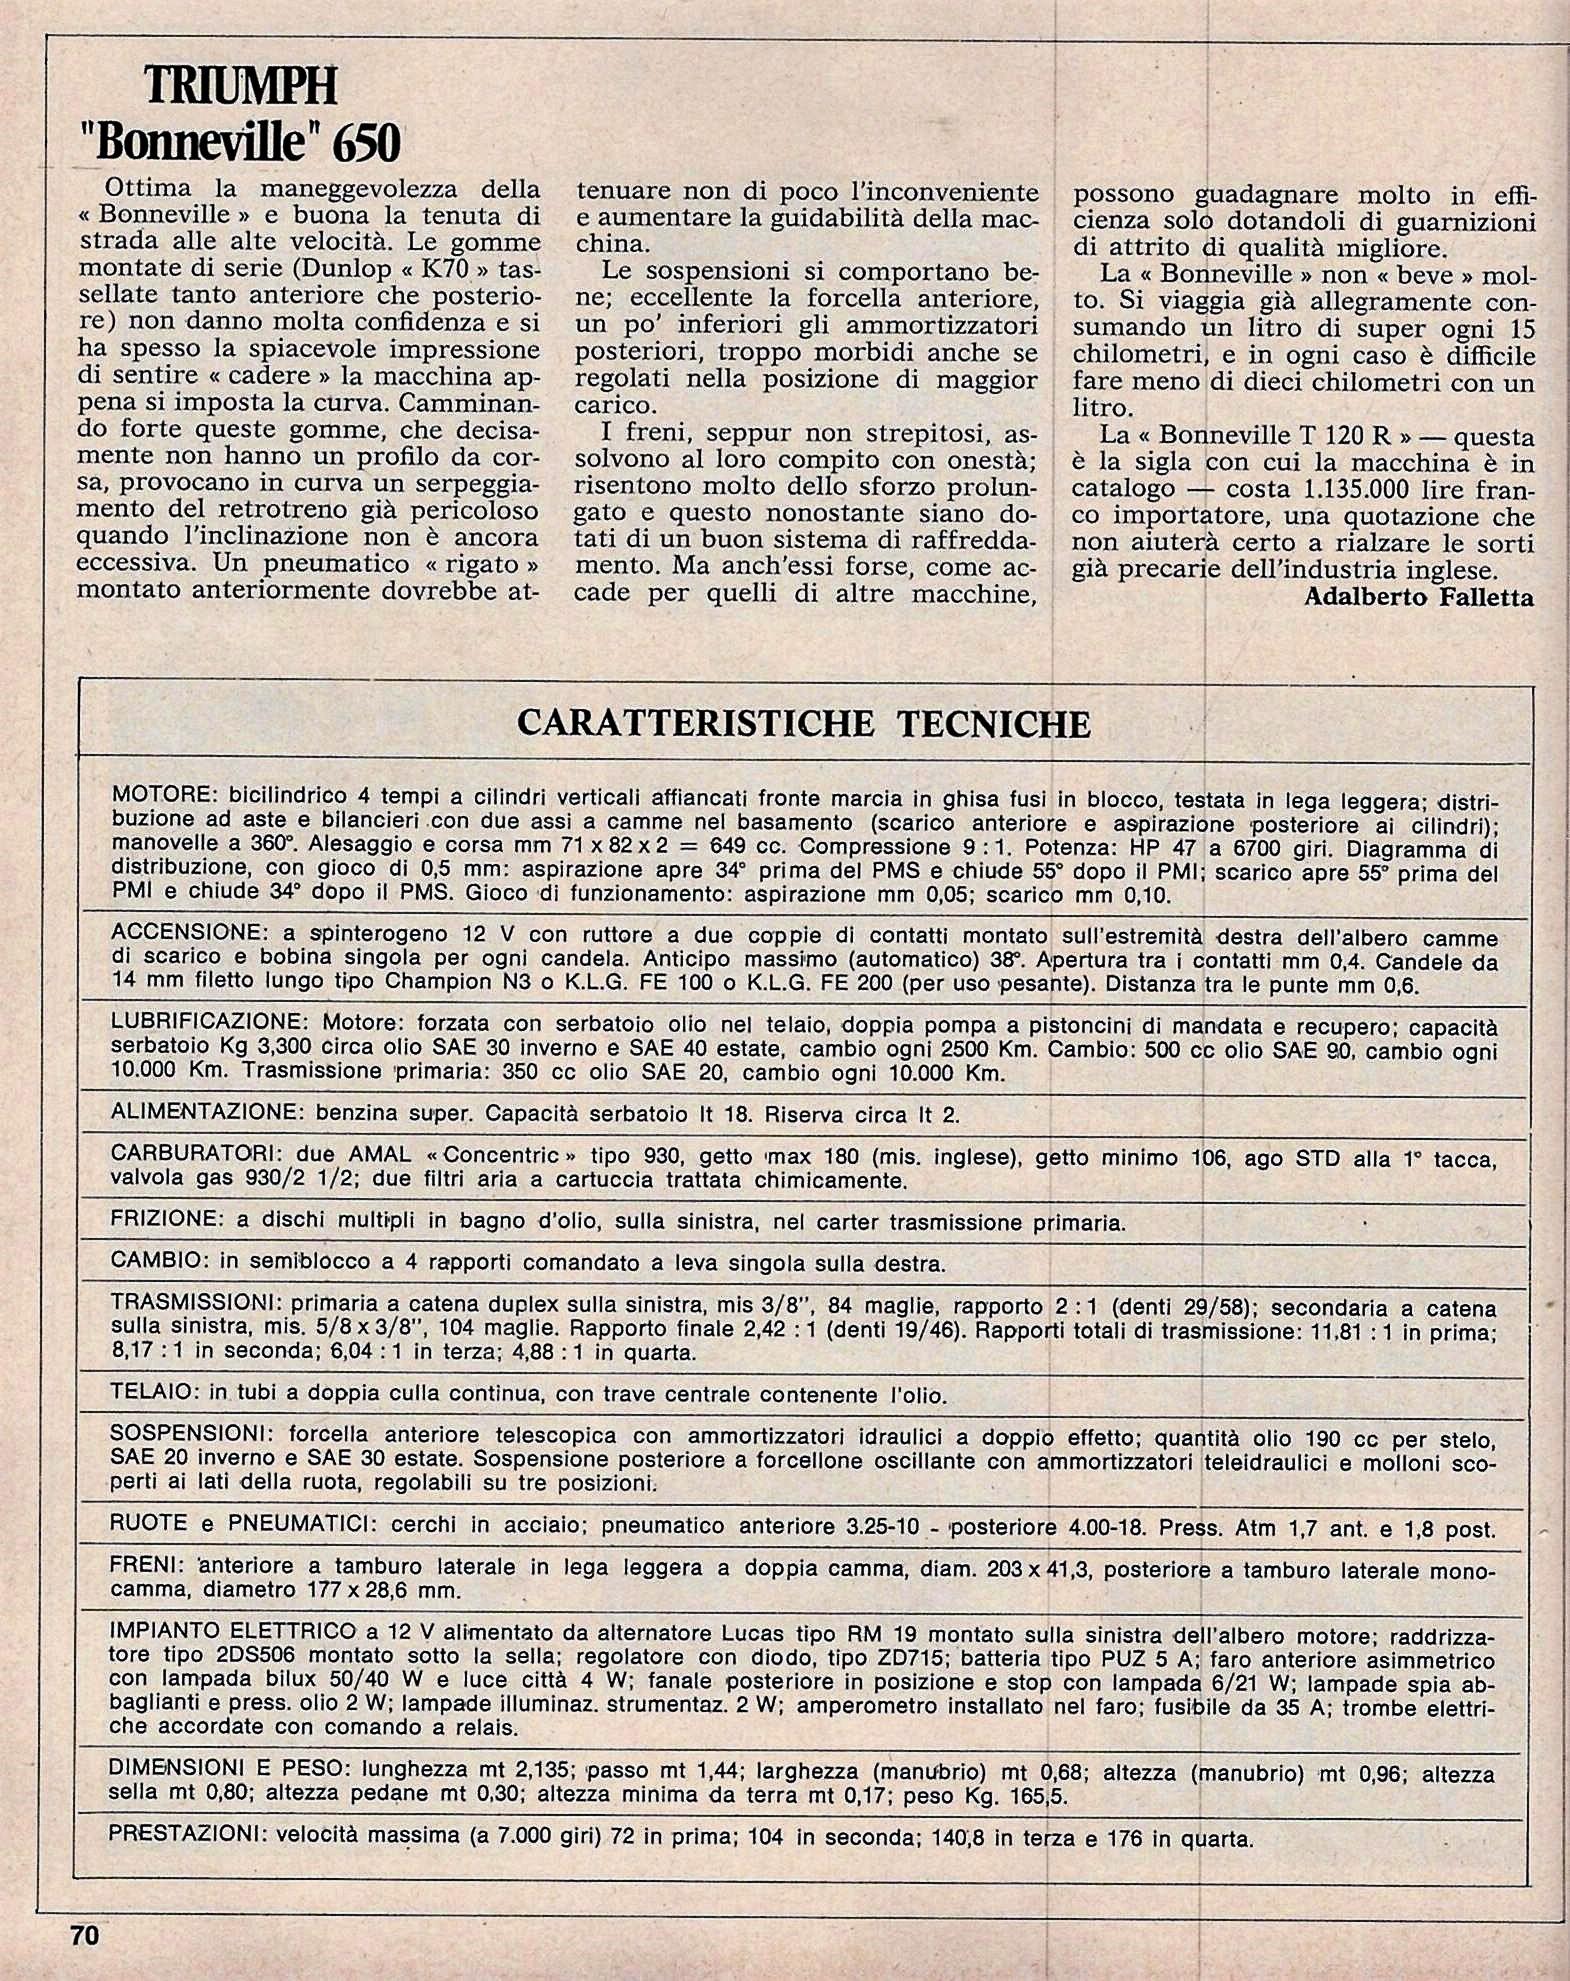 1972 Triumph Bonneville road test.13.jpg